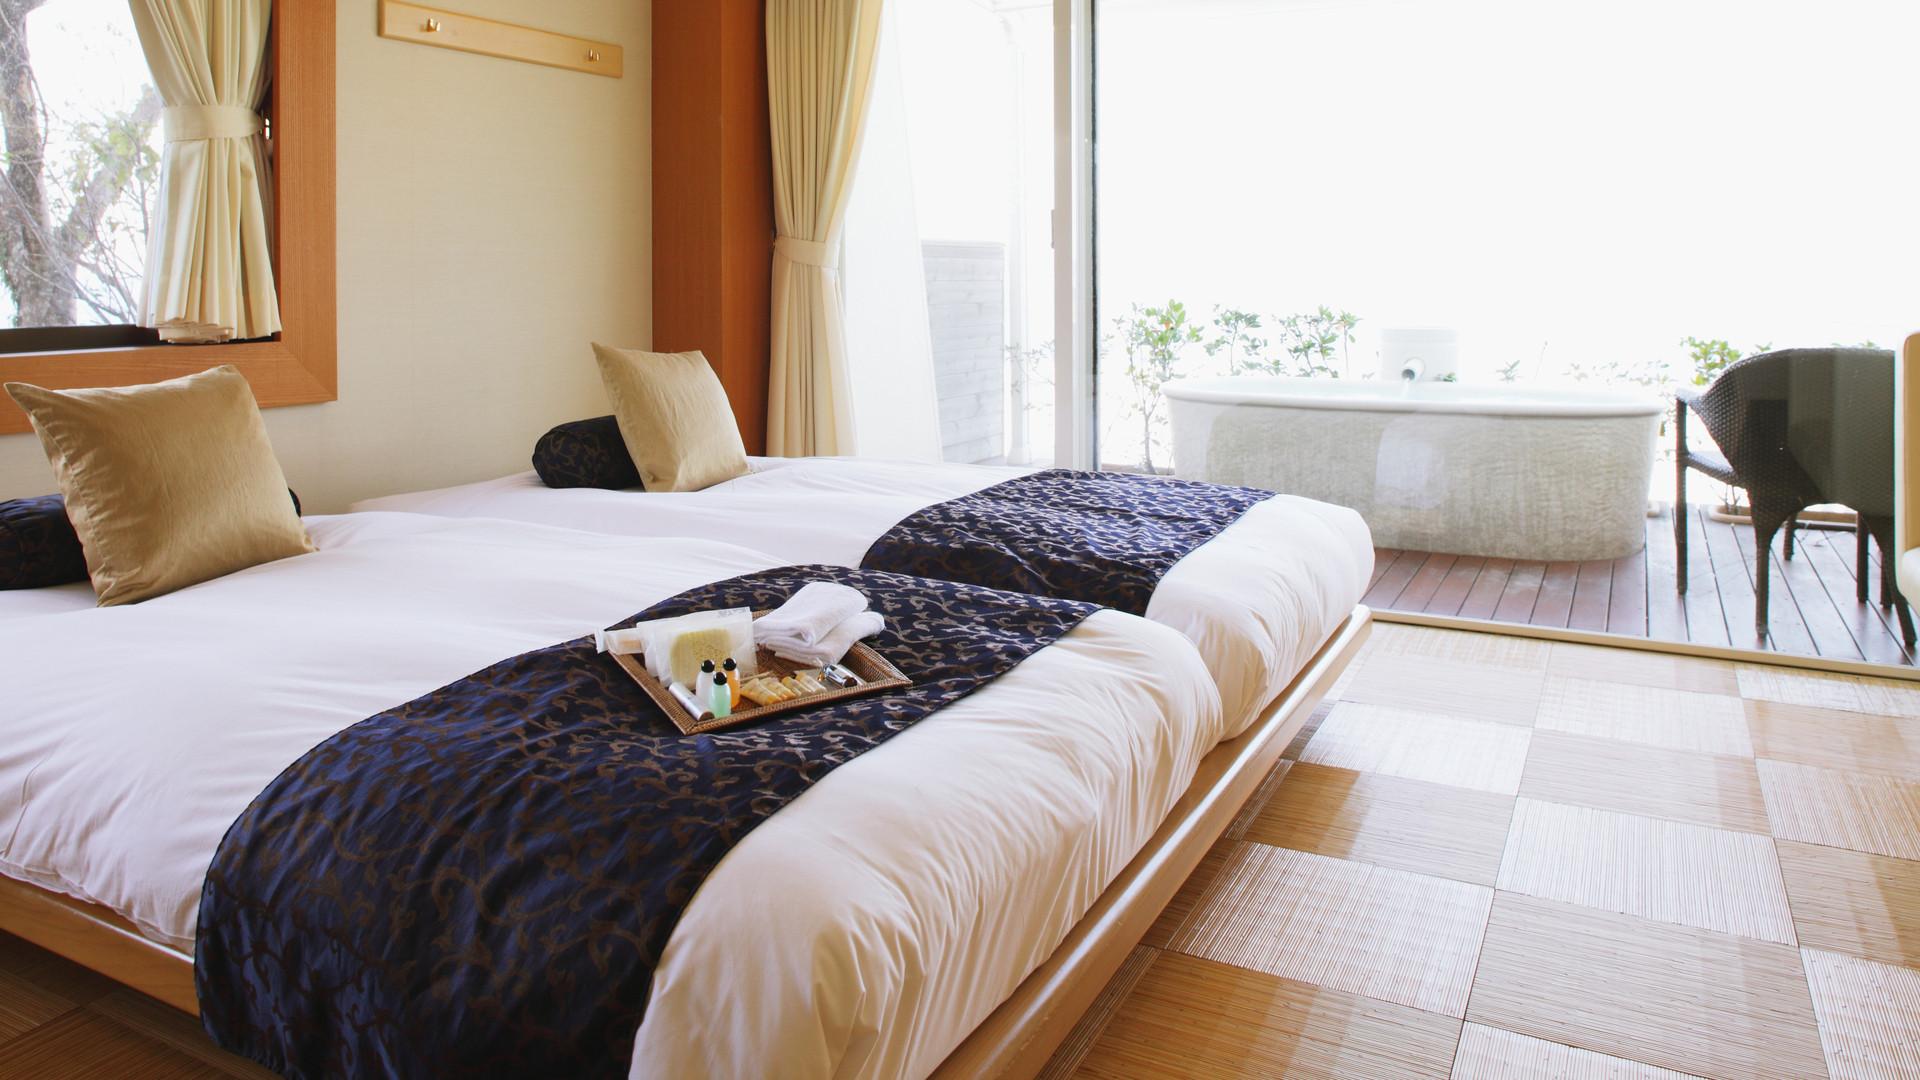 公金で高級ホテル50カ所開発という愚策(木曽崇) - 個人 - Yahoo!ニュース